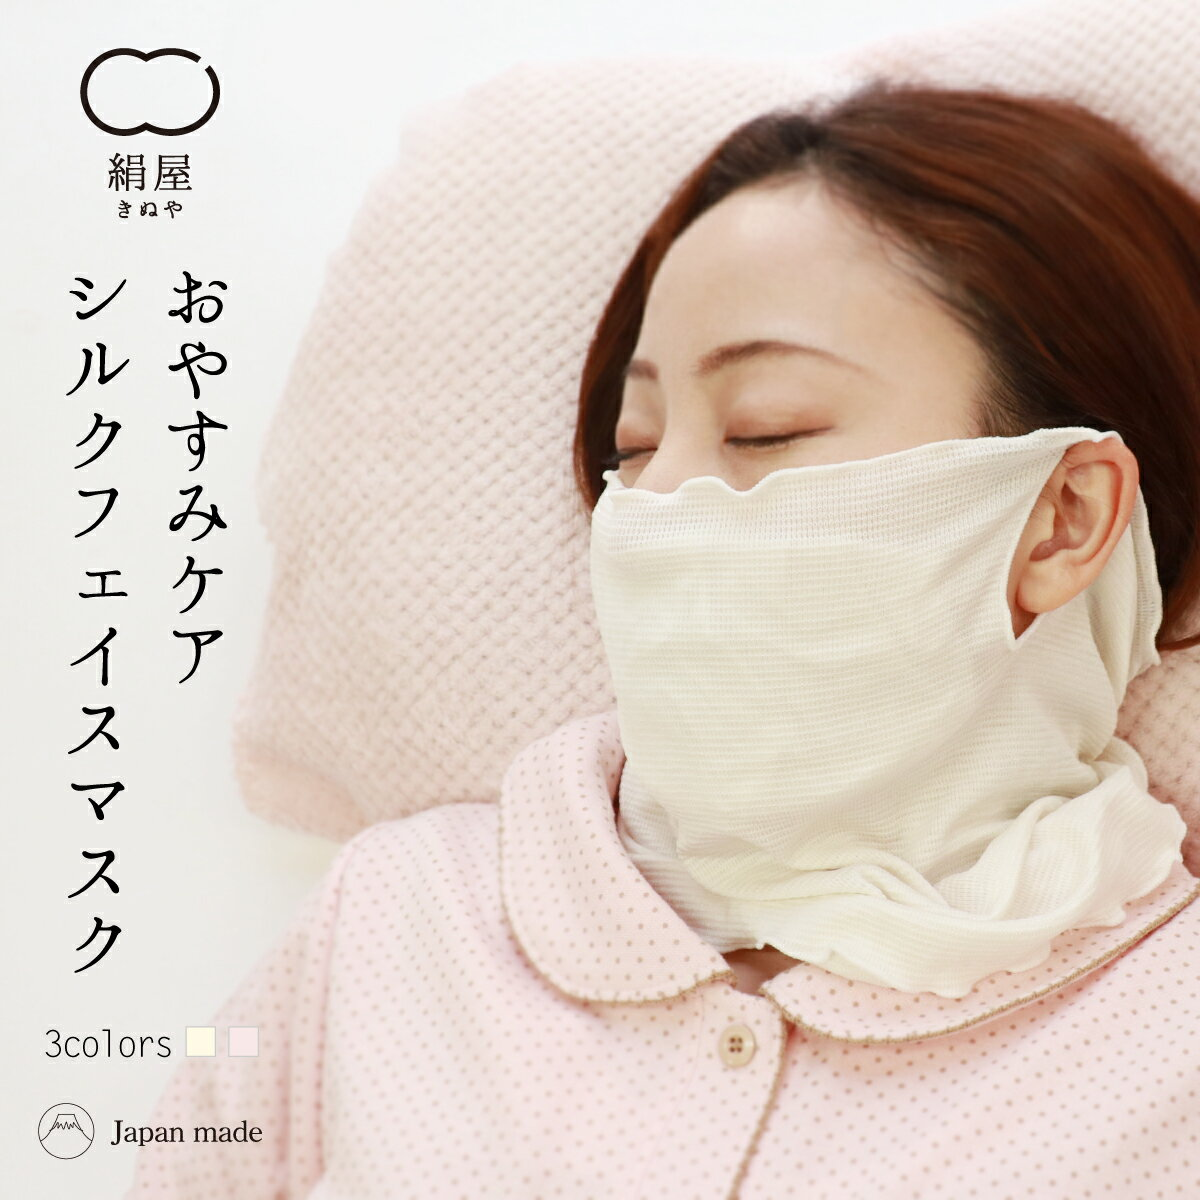 絹屋 極薄2mm シルクフェイスマスク [4691]おやすみマスク 絹 シルク